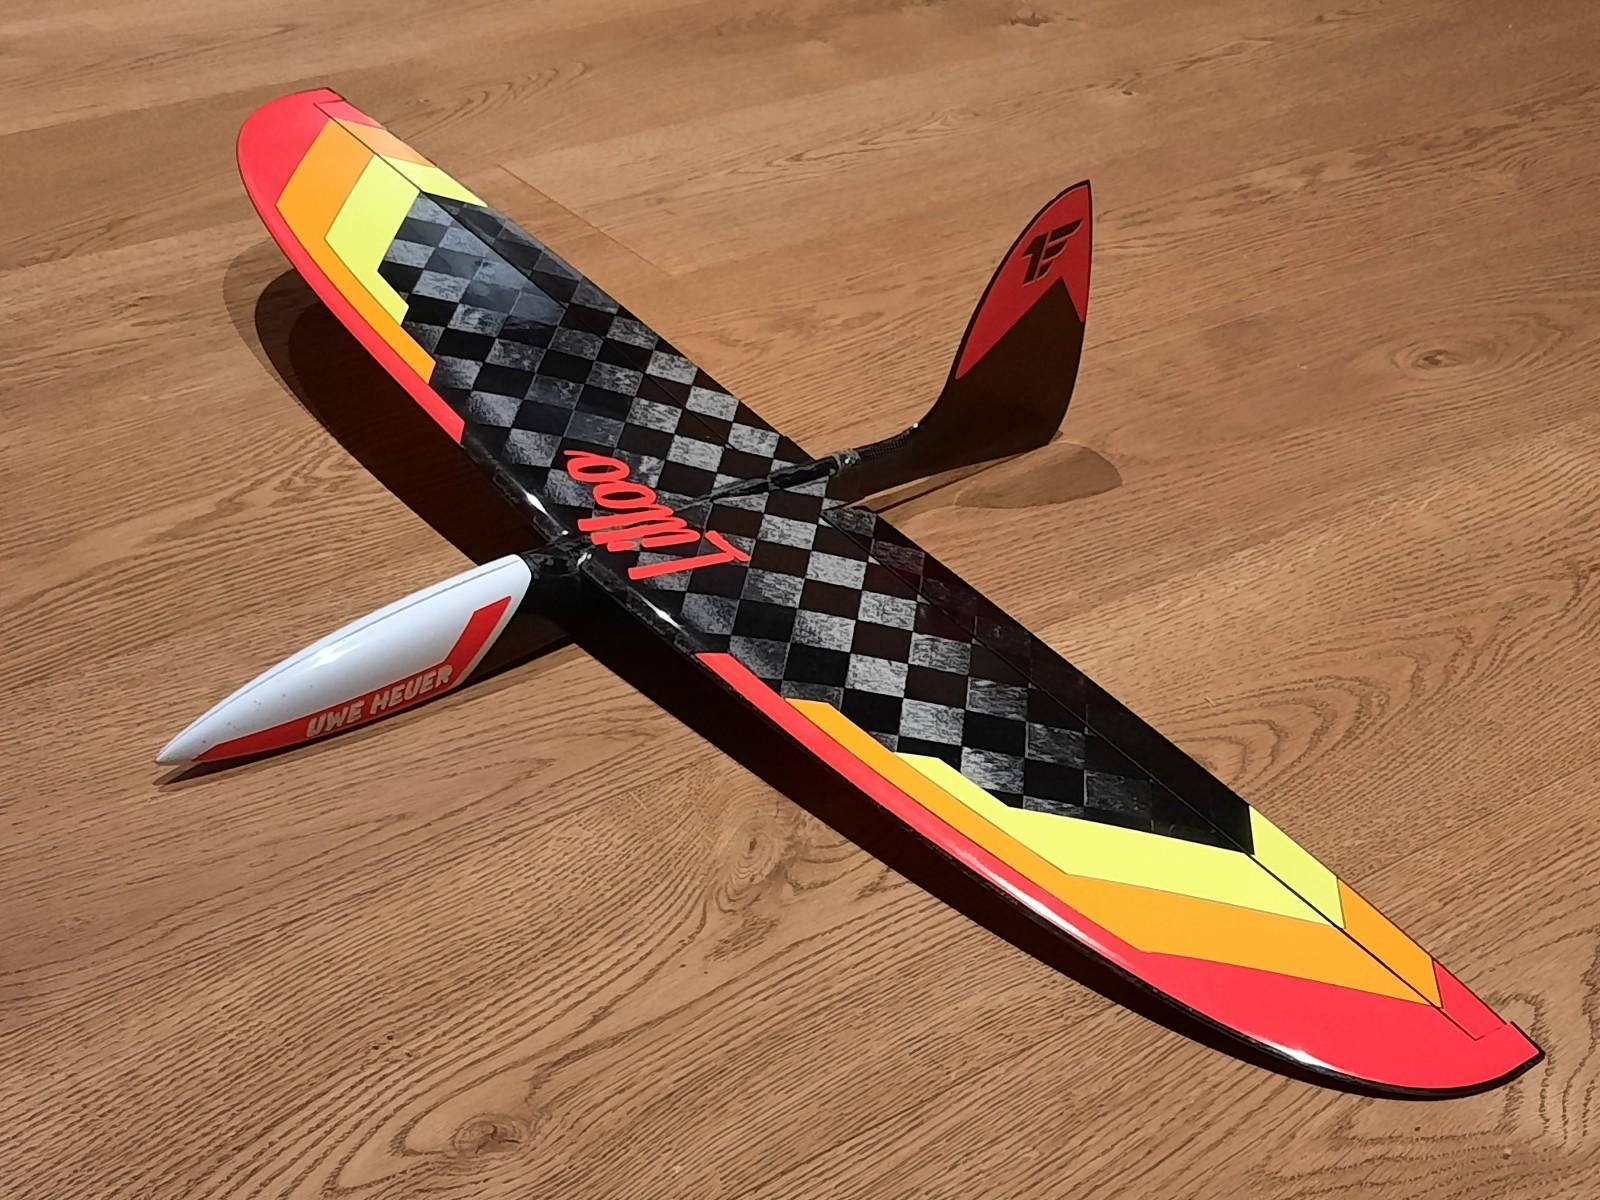 www onewing de_Lilloo_flying wing.jpg